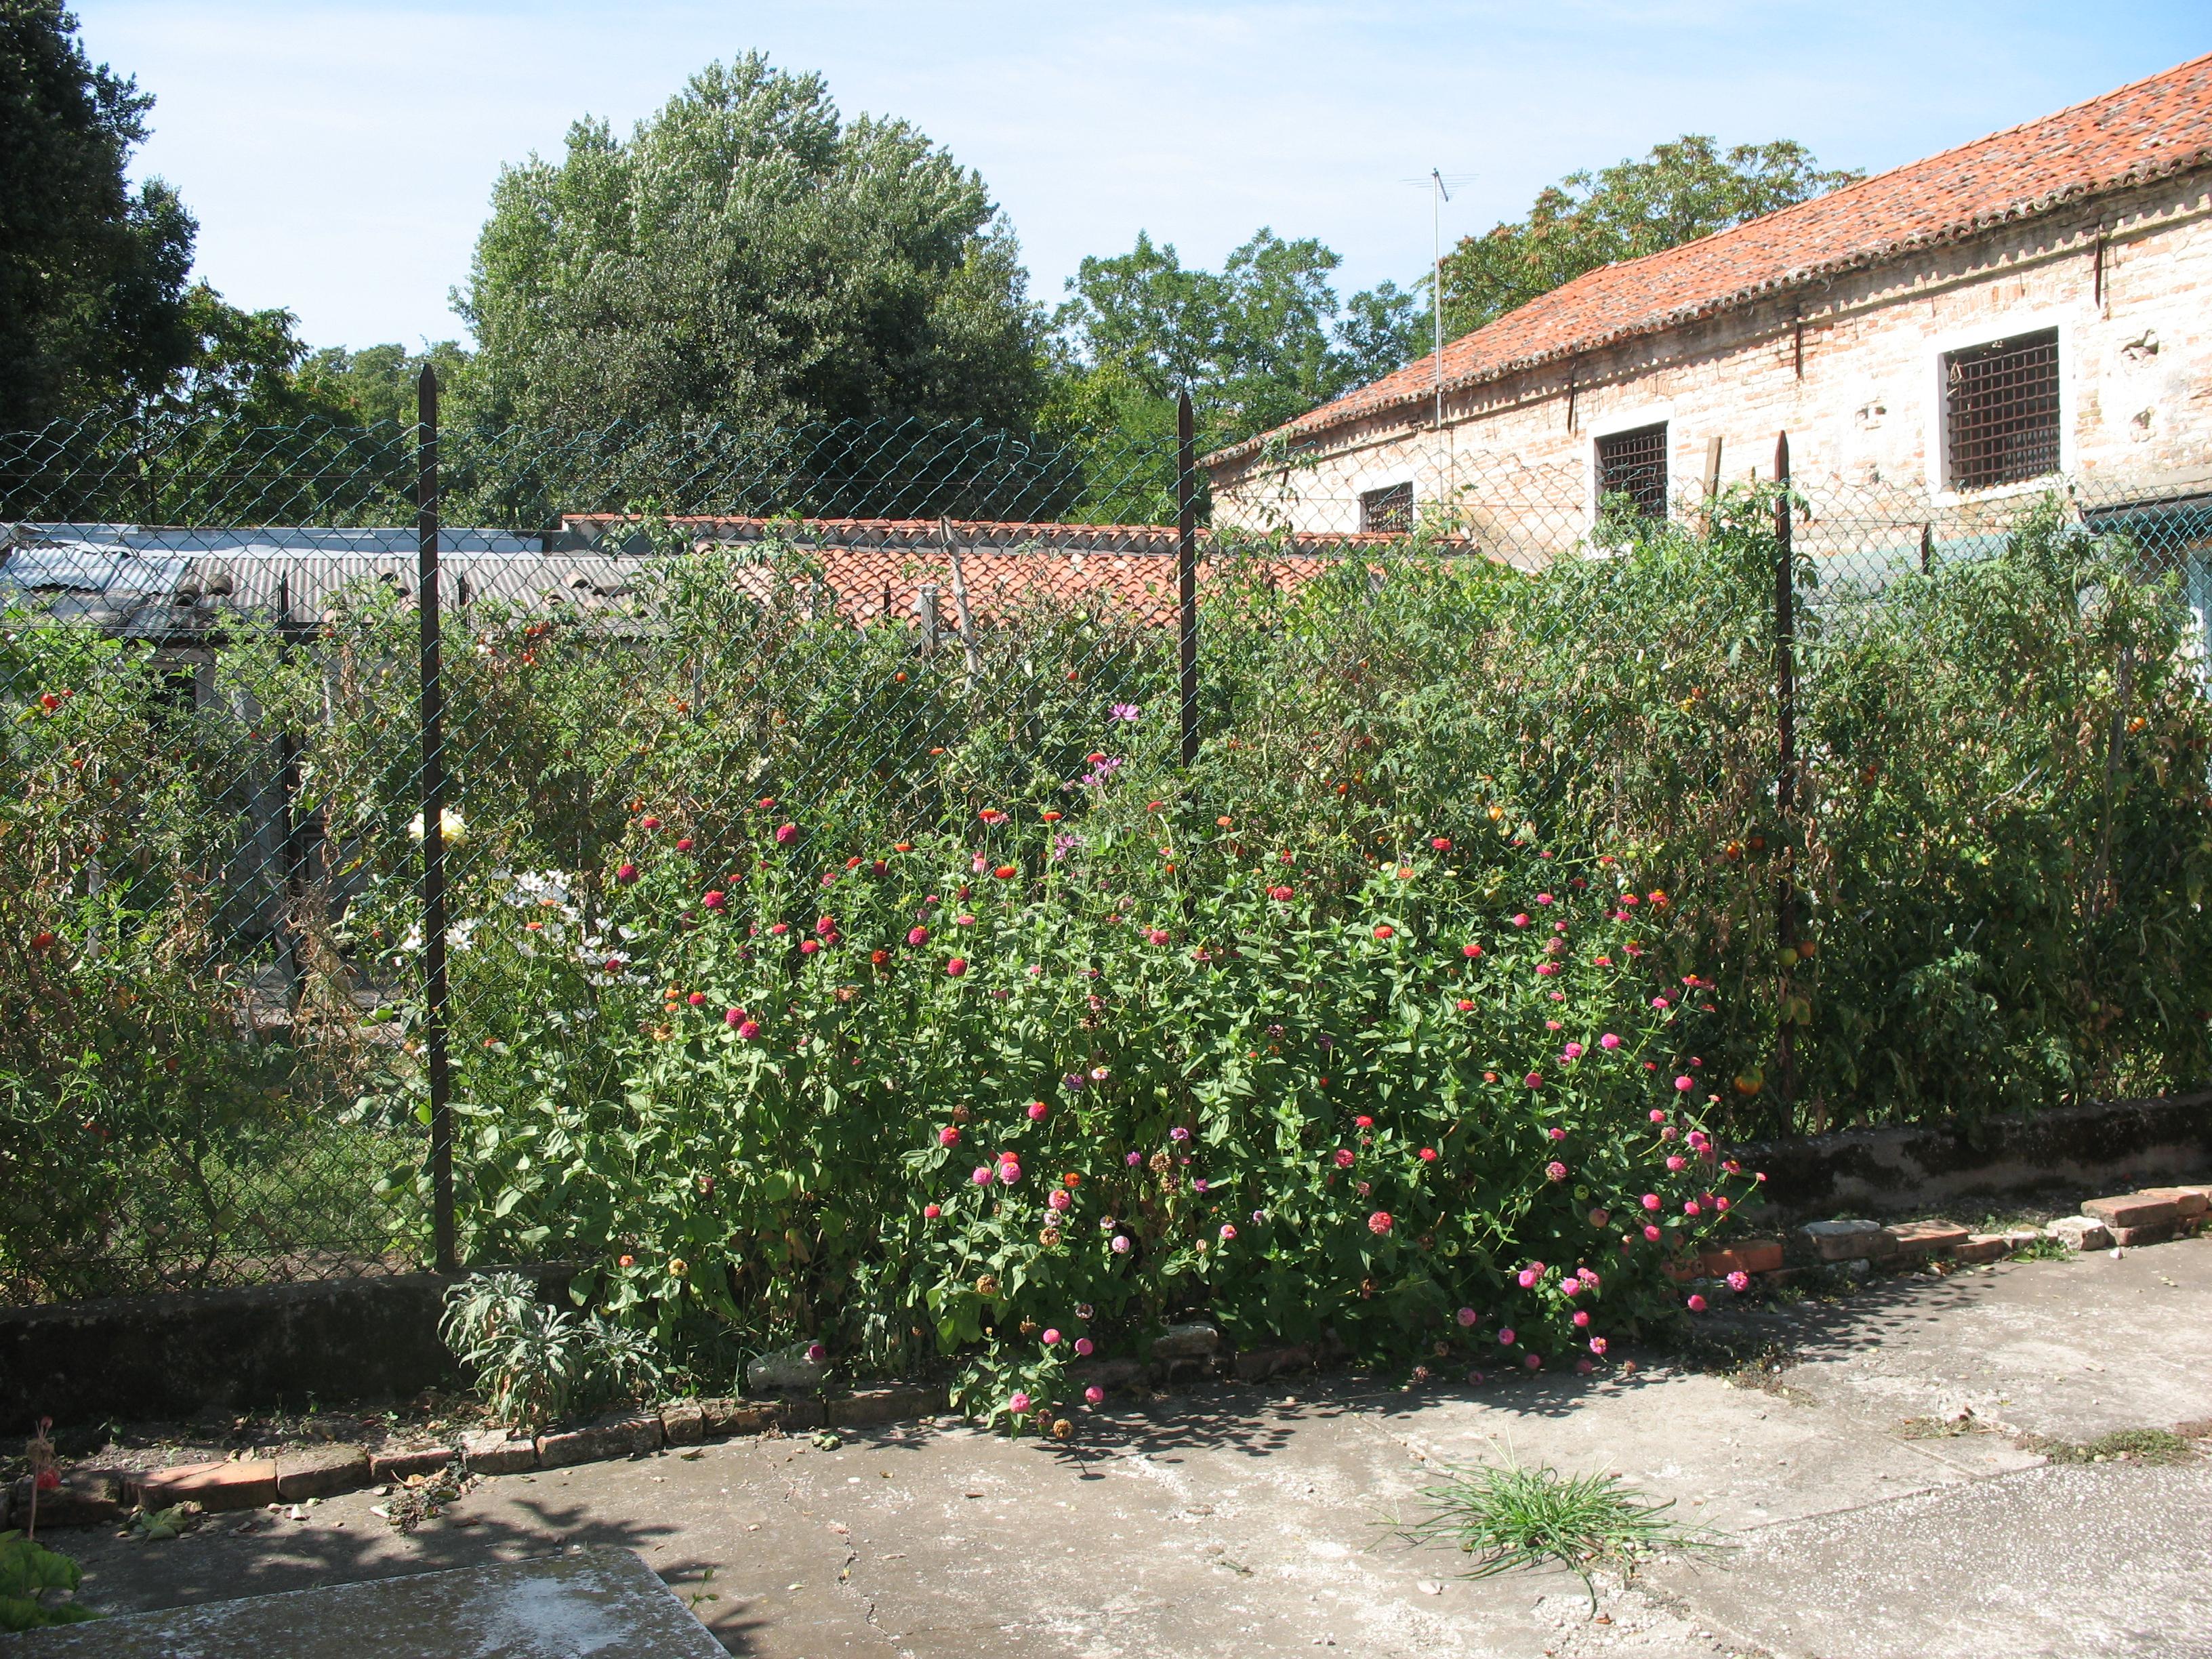 vue d'ensemble du petit jardin clôturé